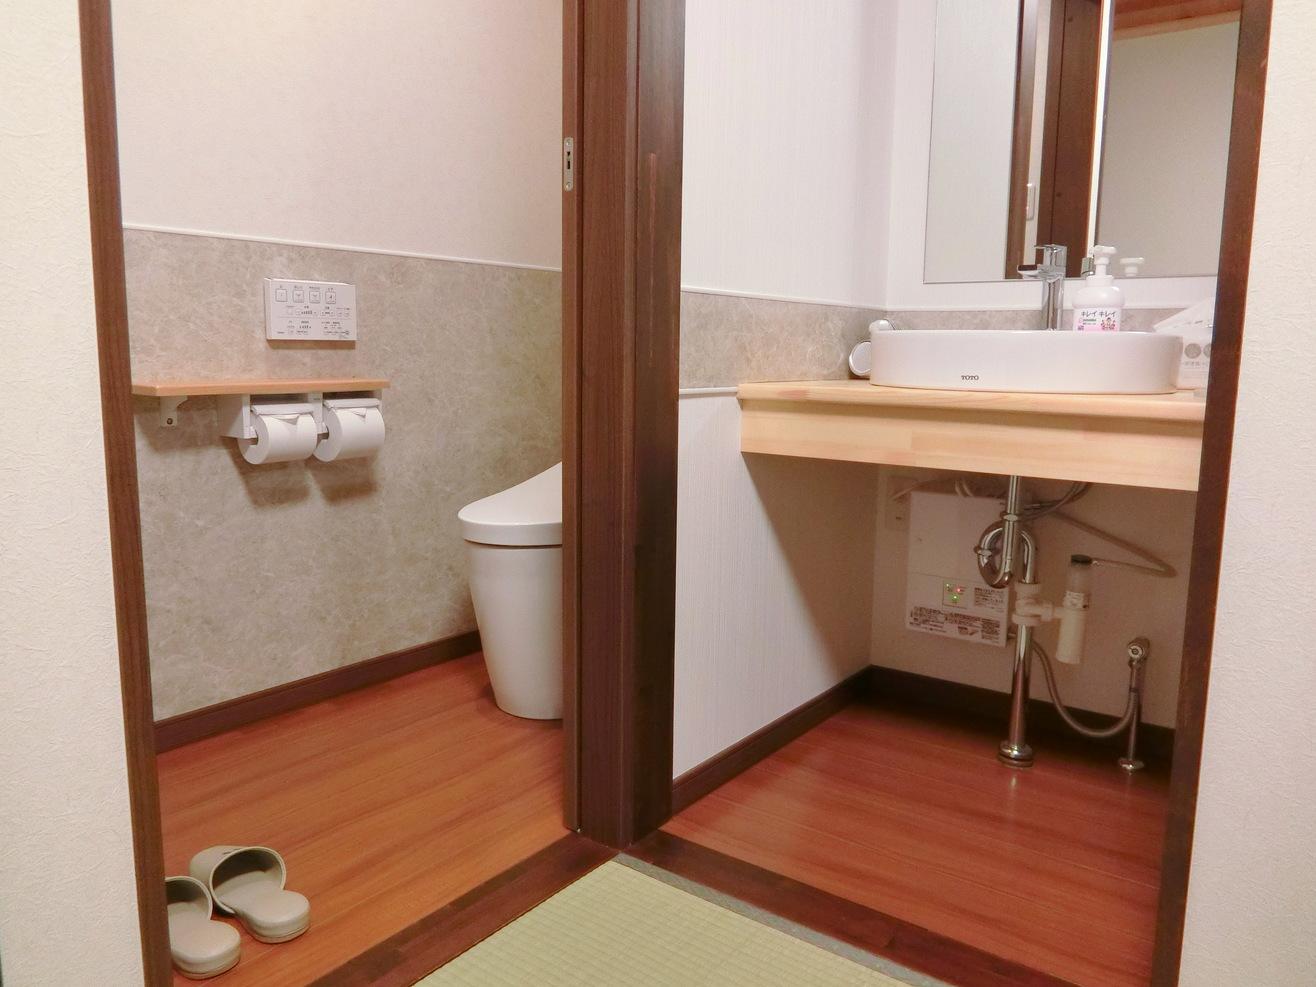 洗面台、トイレ(TOTOネオレスト)ウォッシュレット